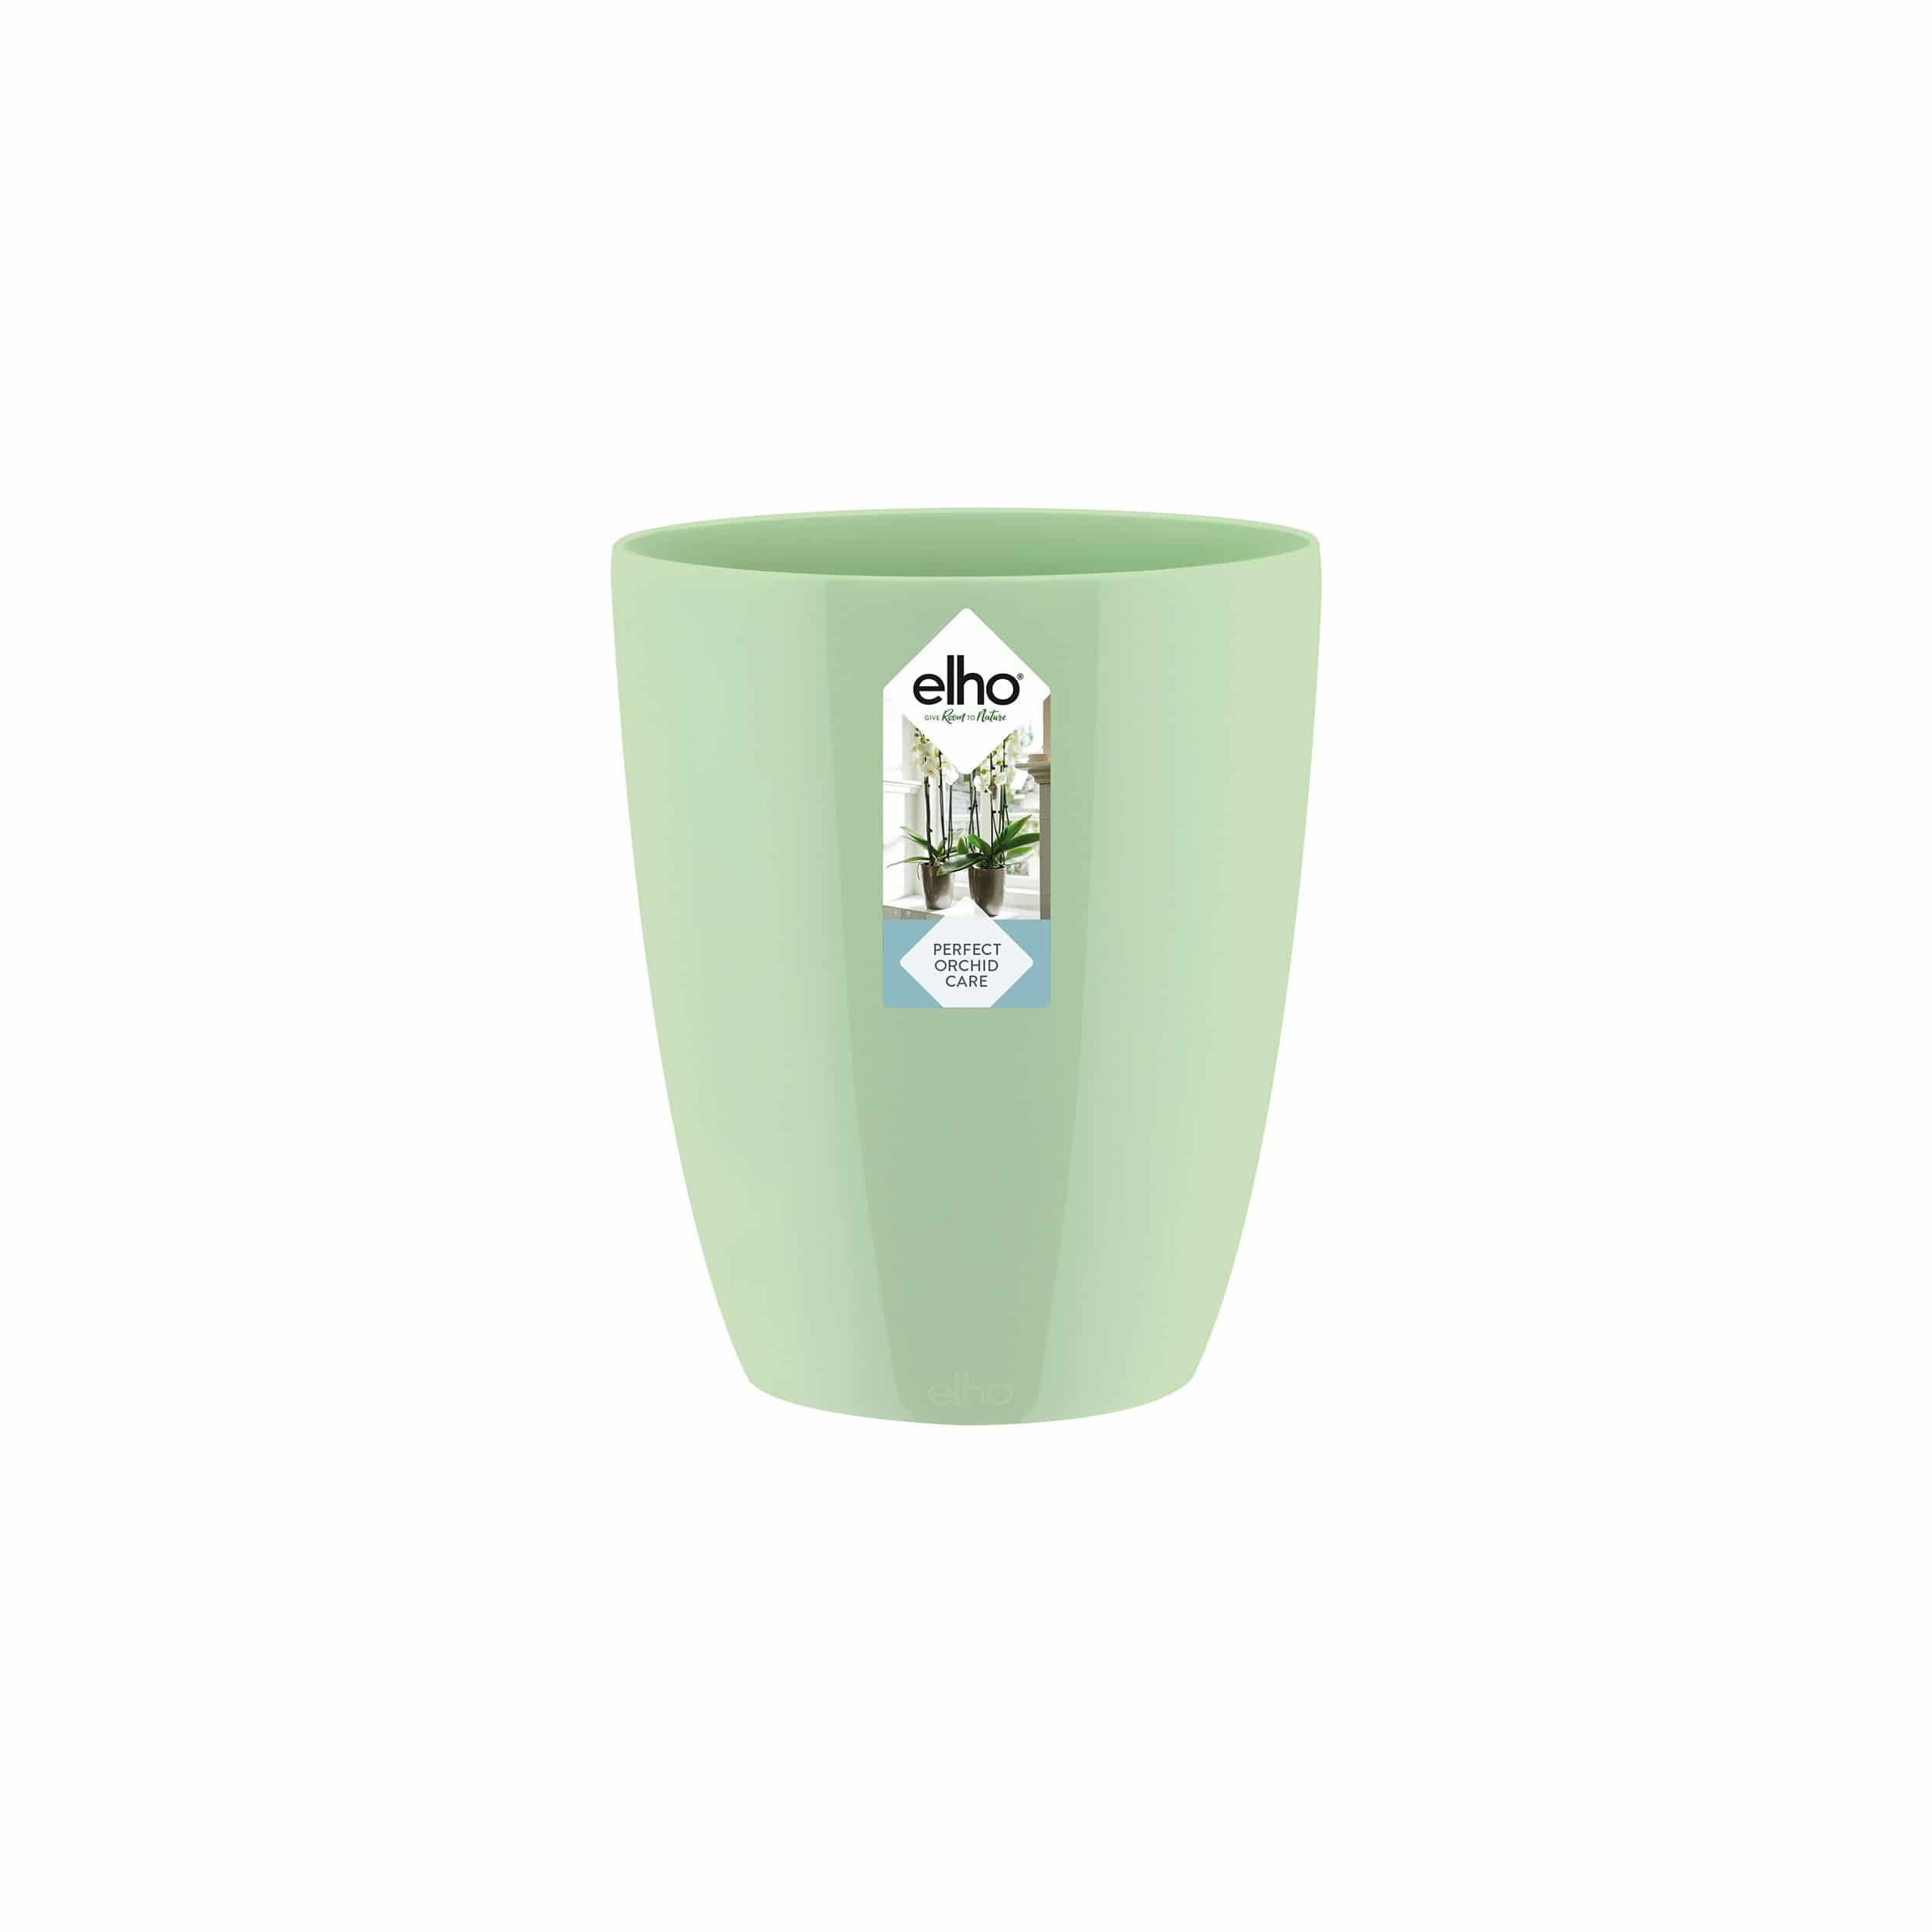 Orchideen-Übertopf Brussels Diamond Orchid High D13cm glänzend soft grün